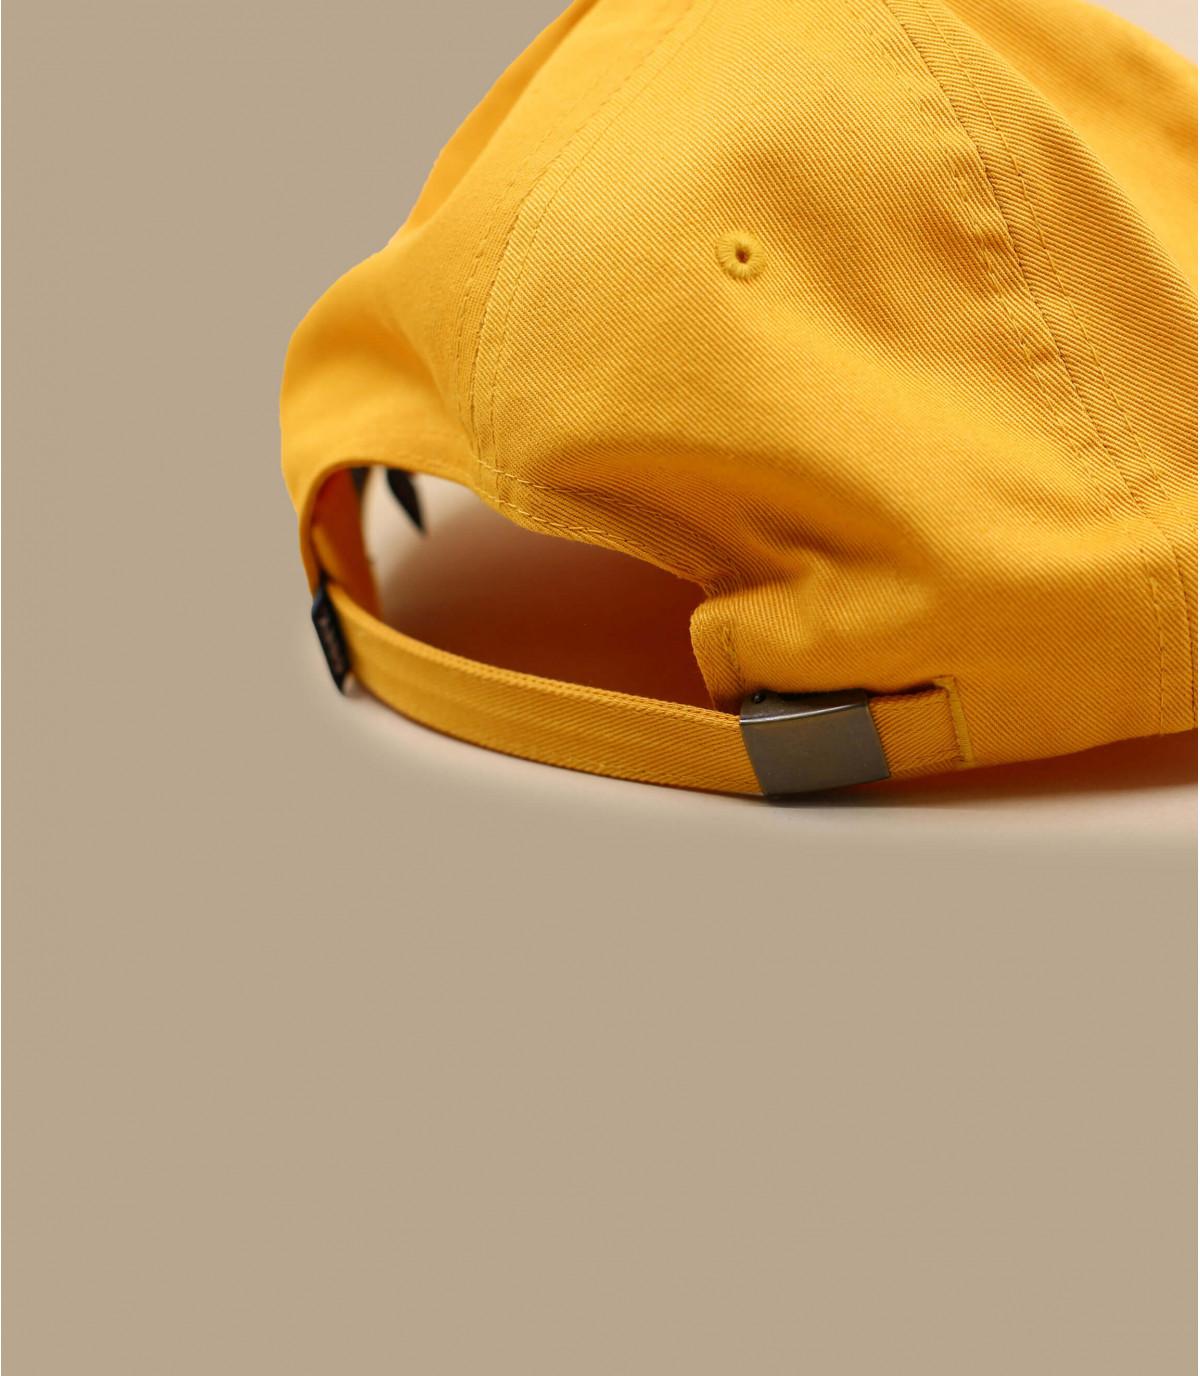 Dettagli Struggle Strapback mineral yellow - image 3